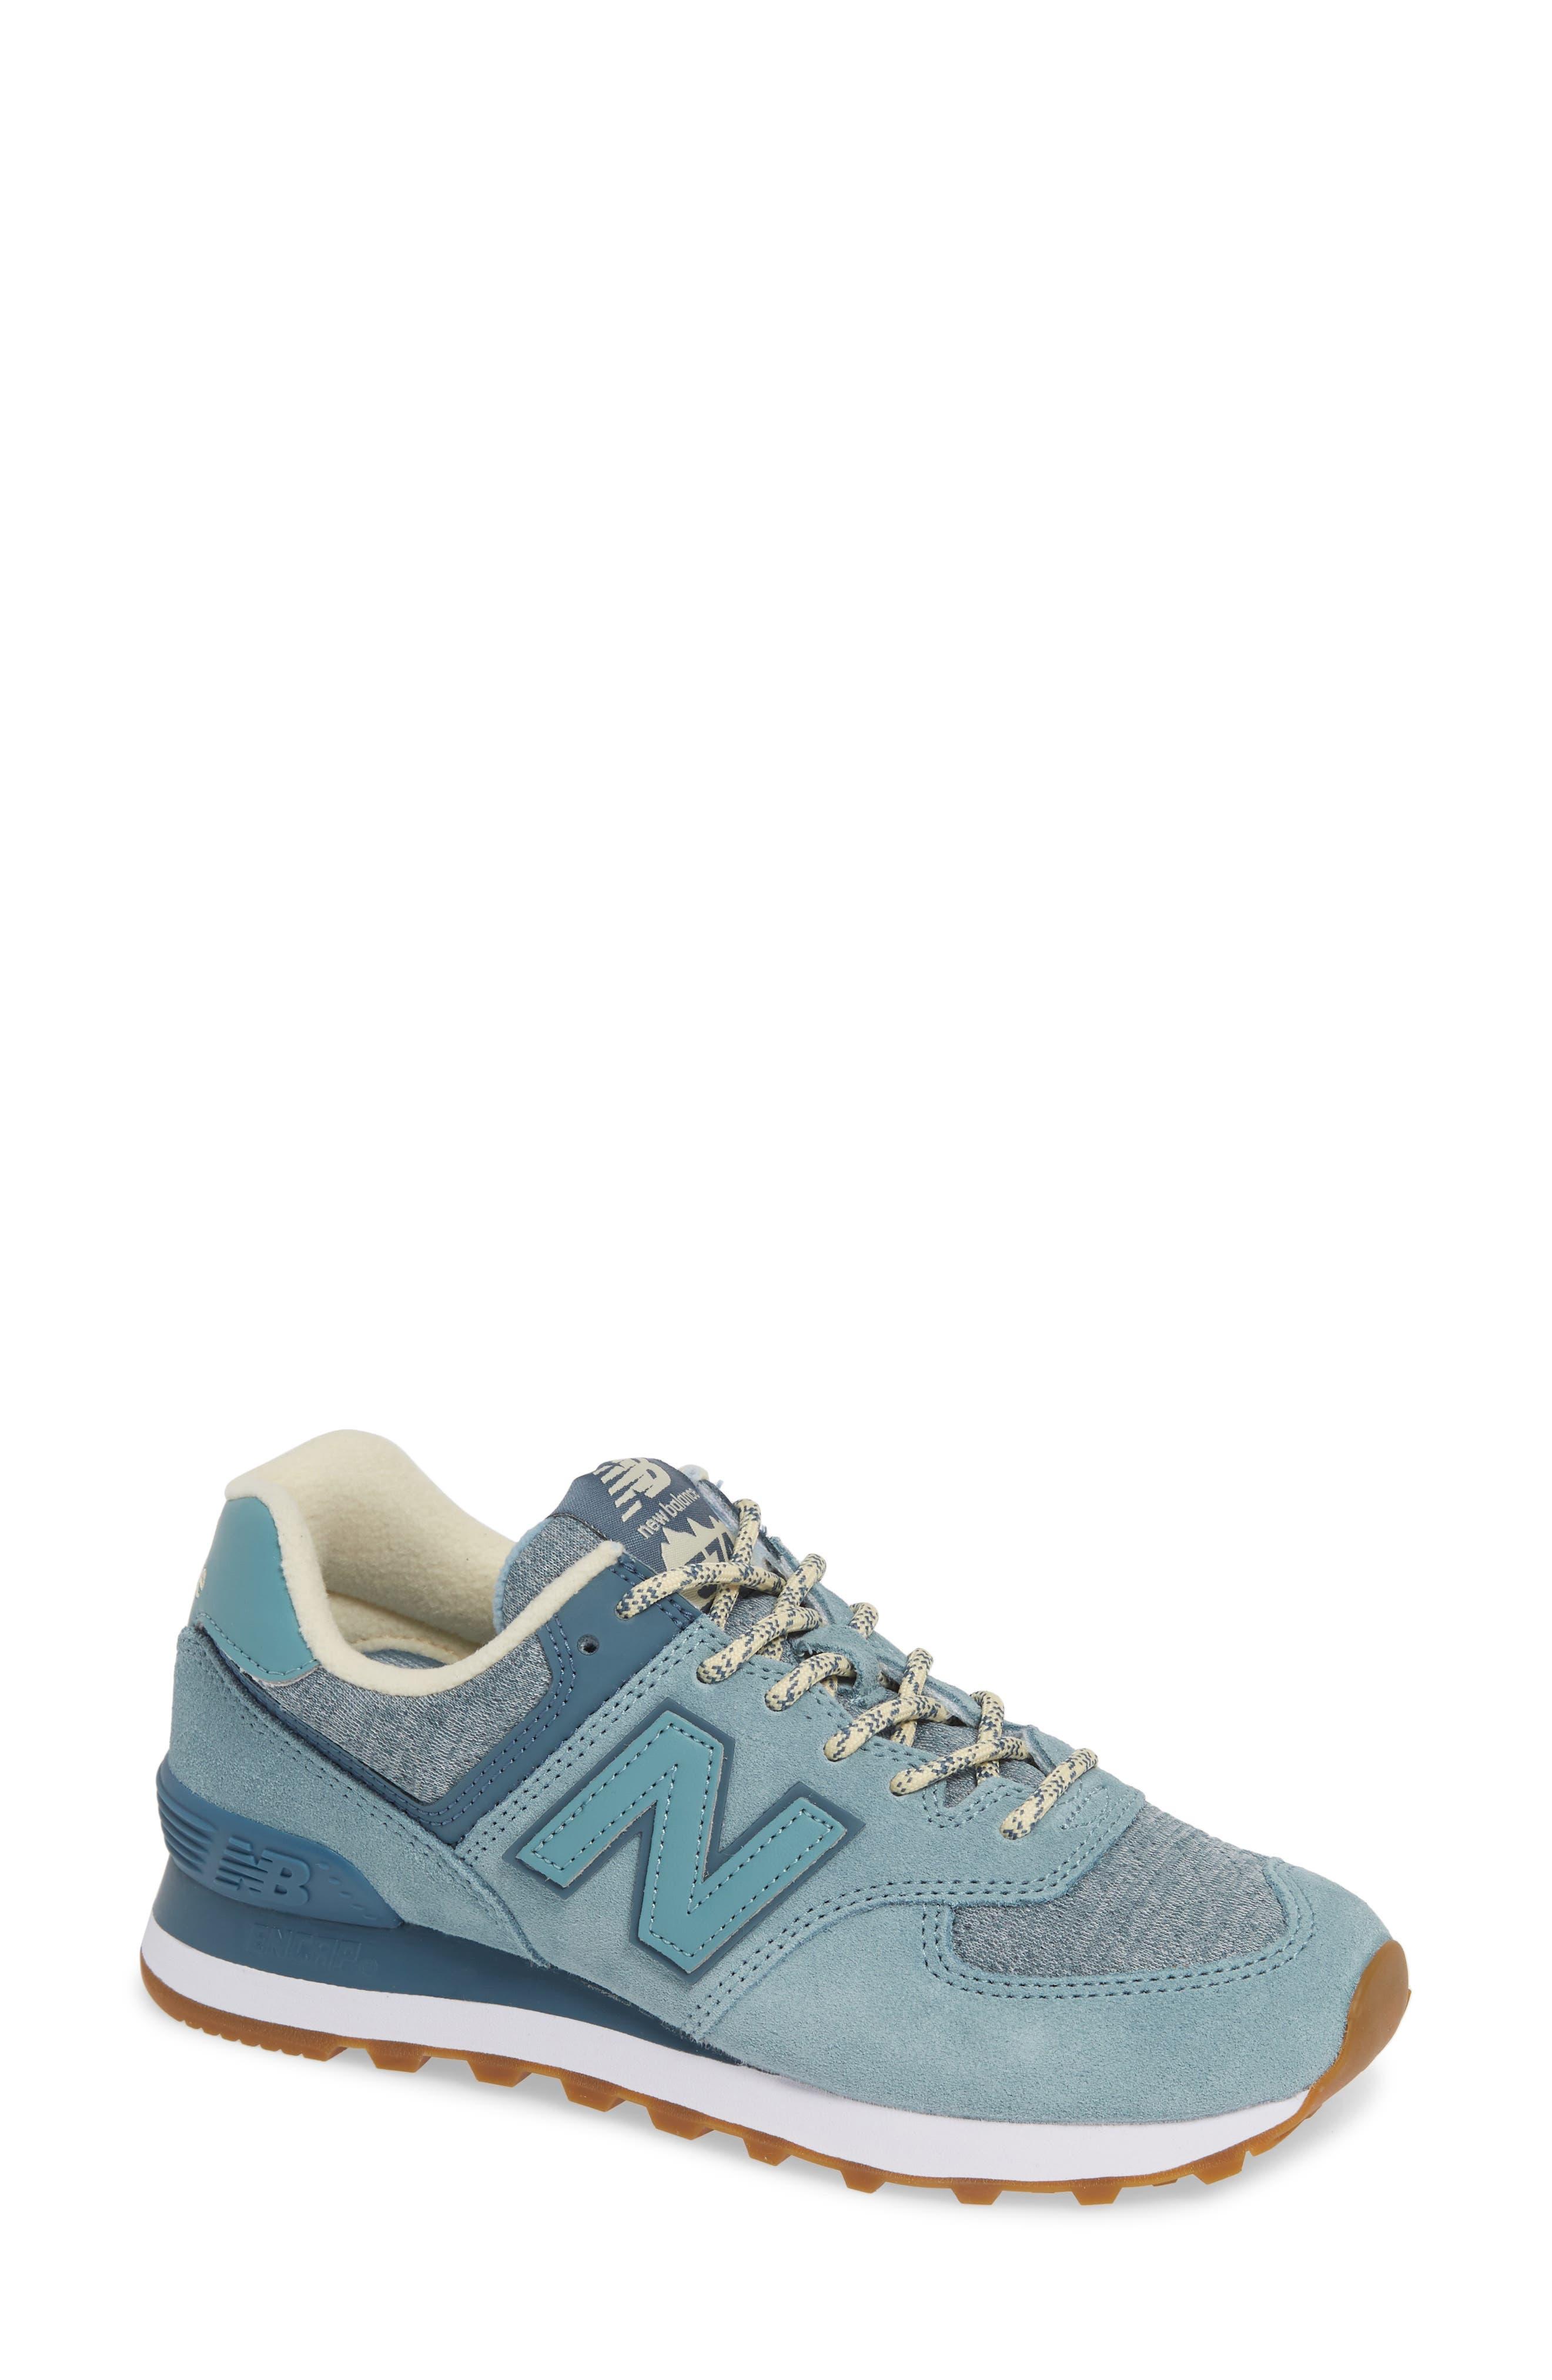 b0e13e21b141 Women s New Balance Shoes